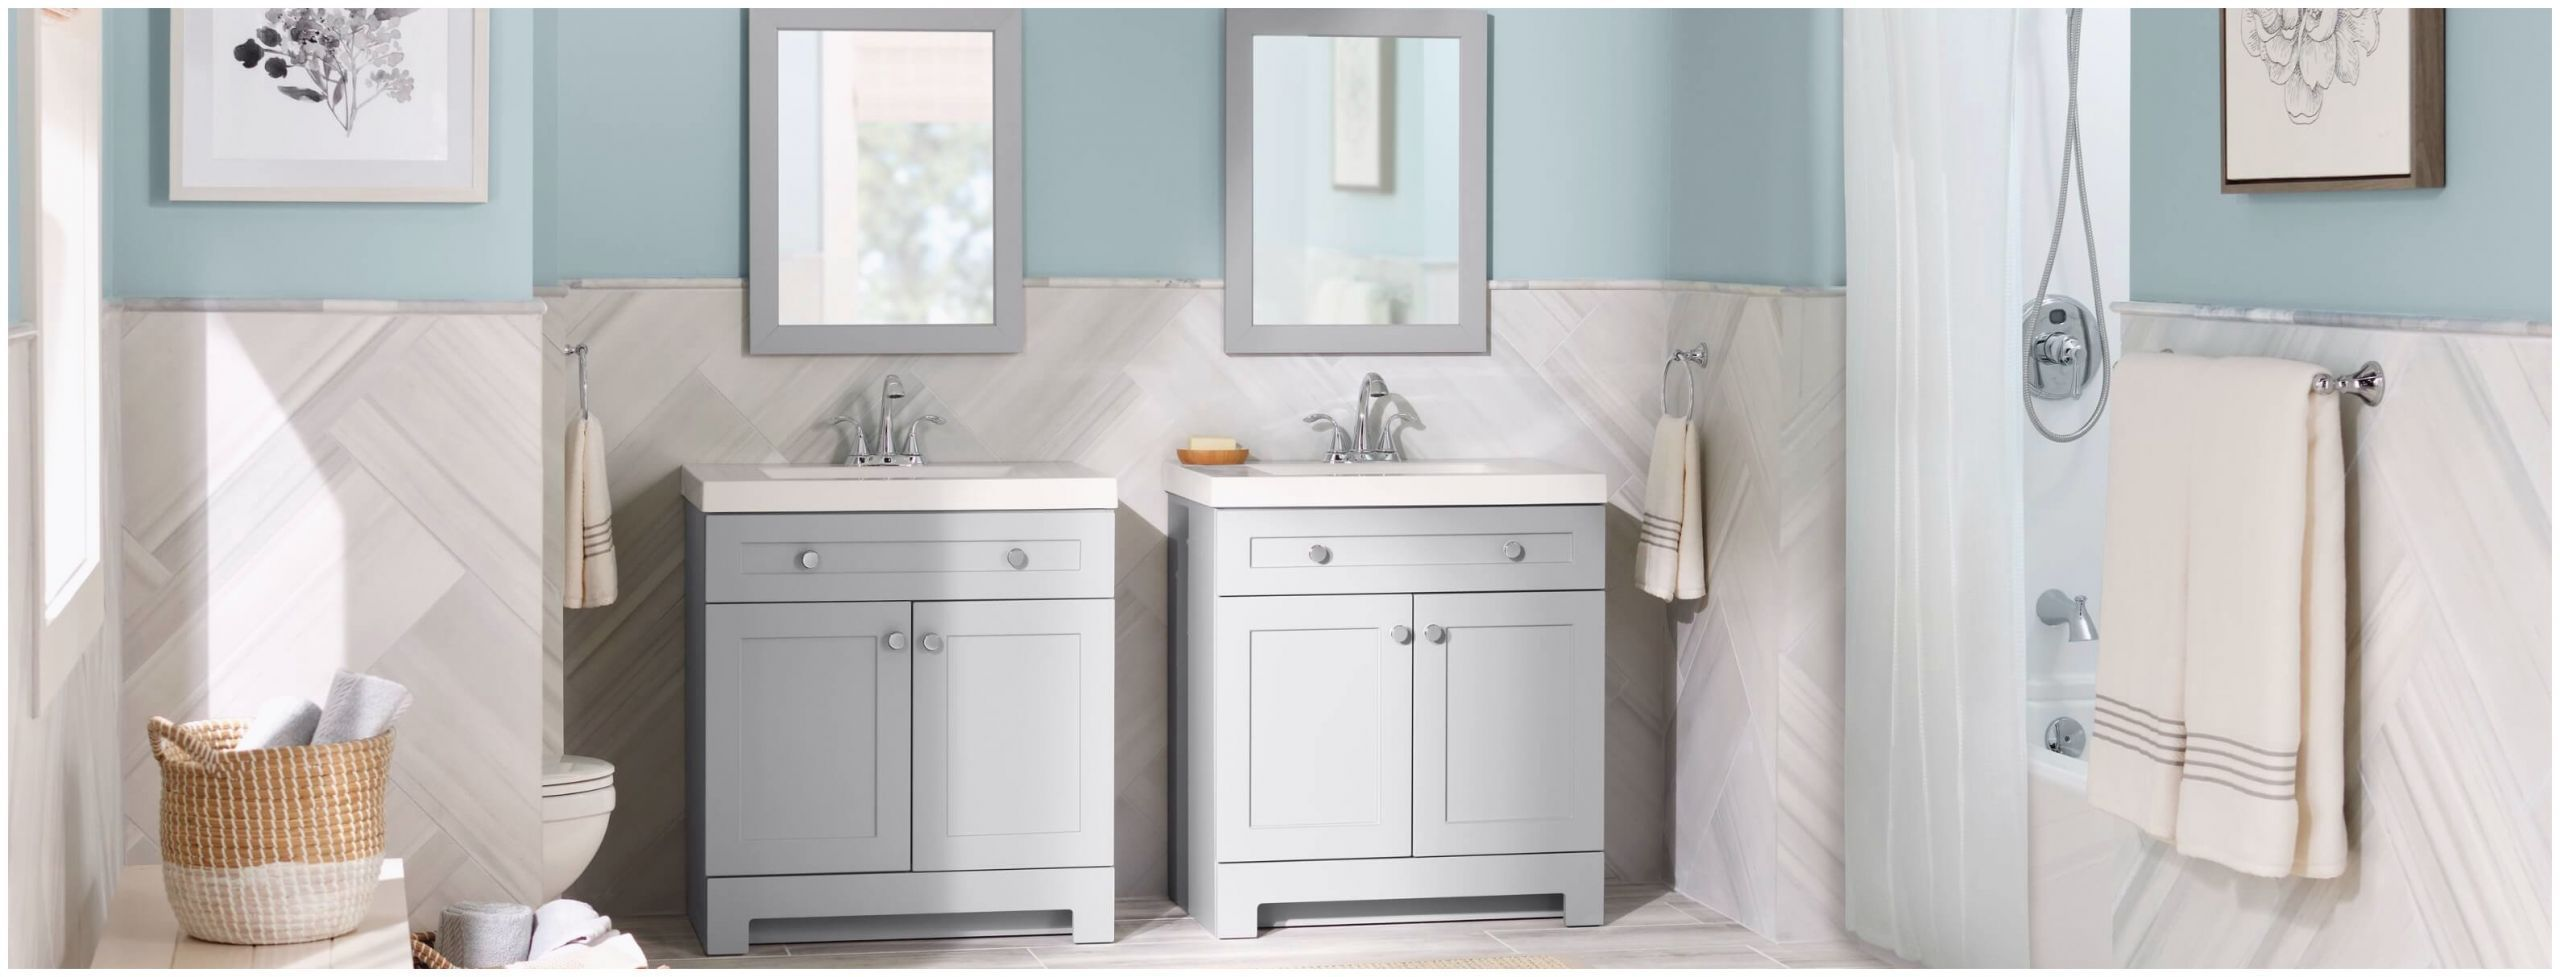 Photo of Bathroom Vanities Light Fixtures of Bathroom Vanities#bathroom #fixtures #light …